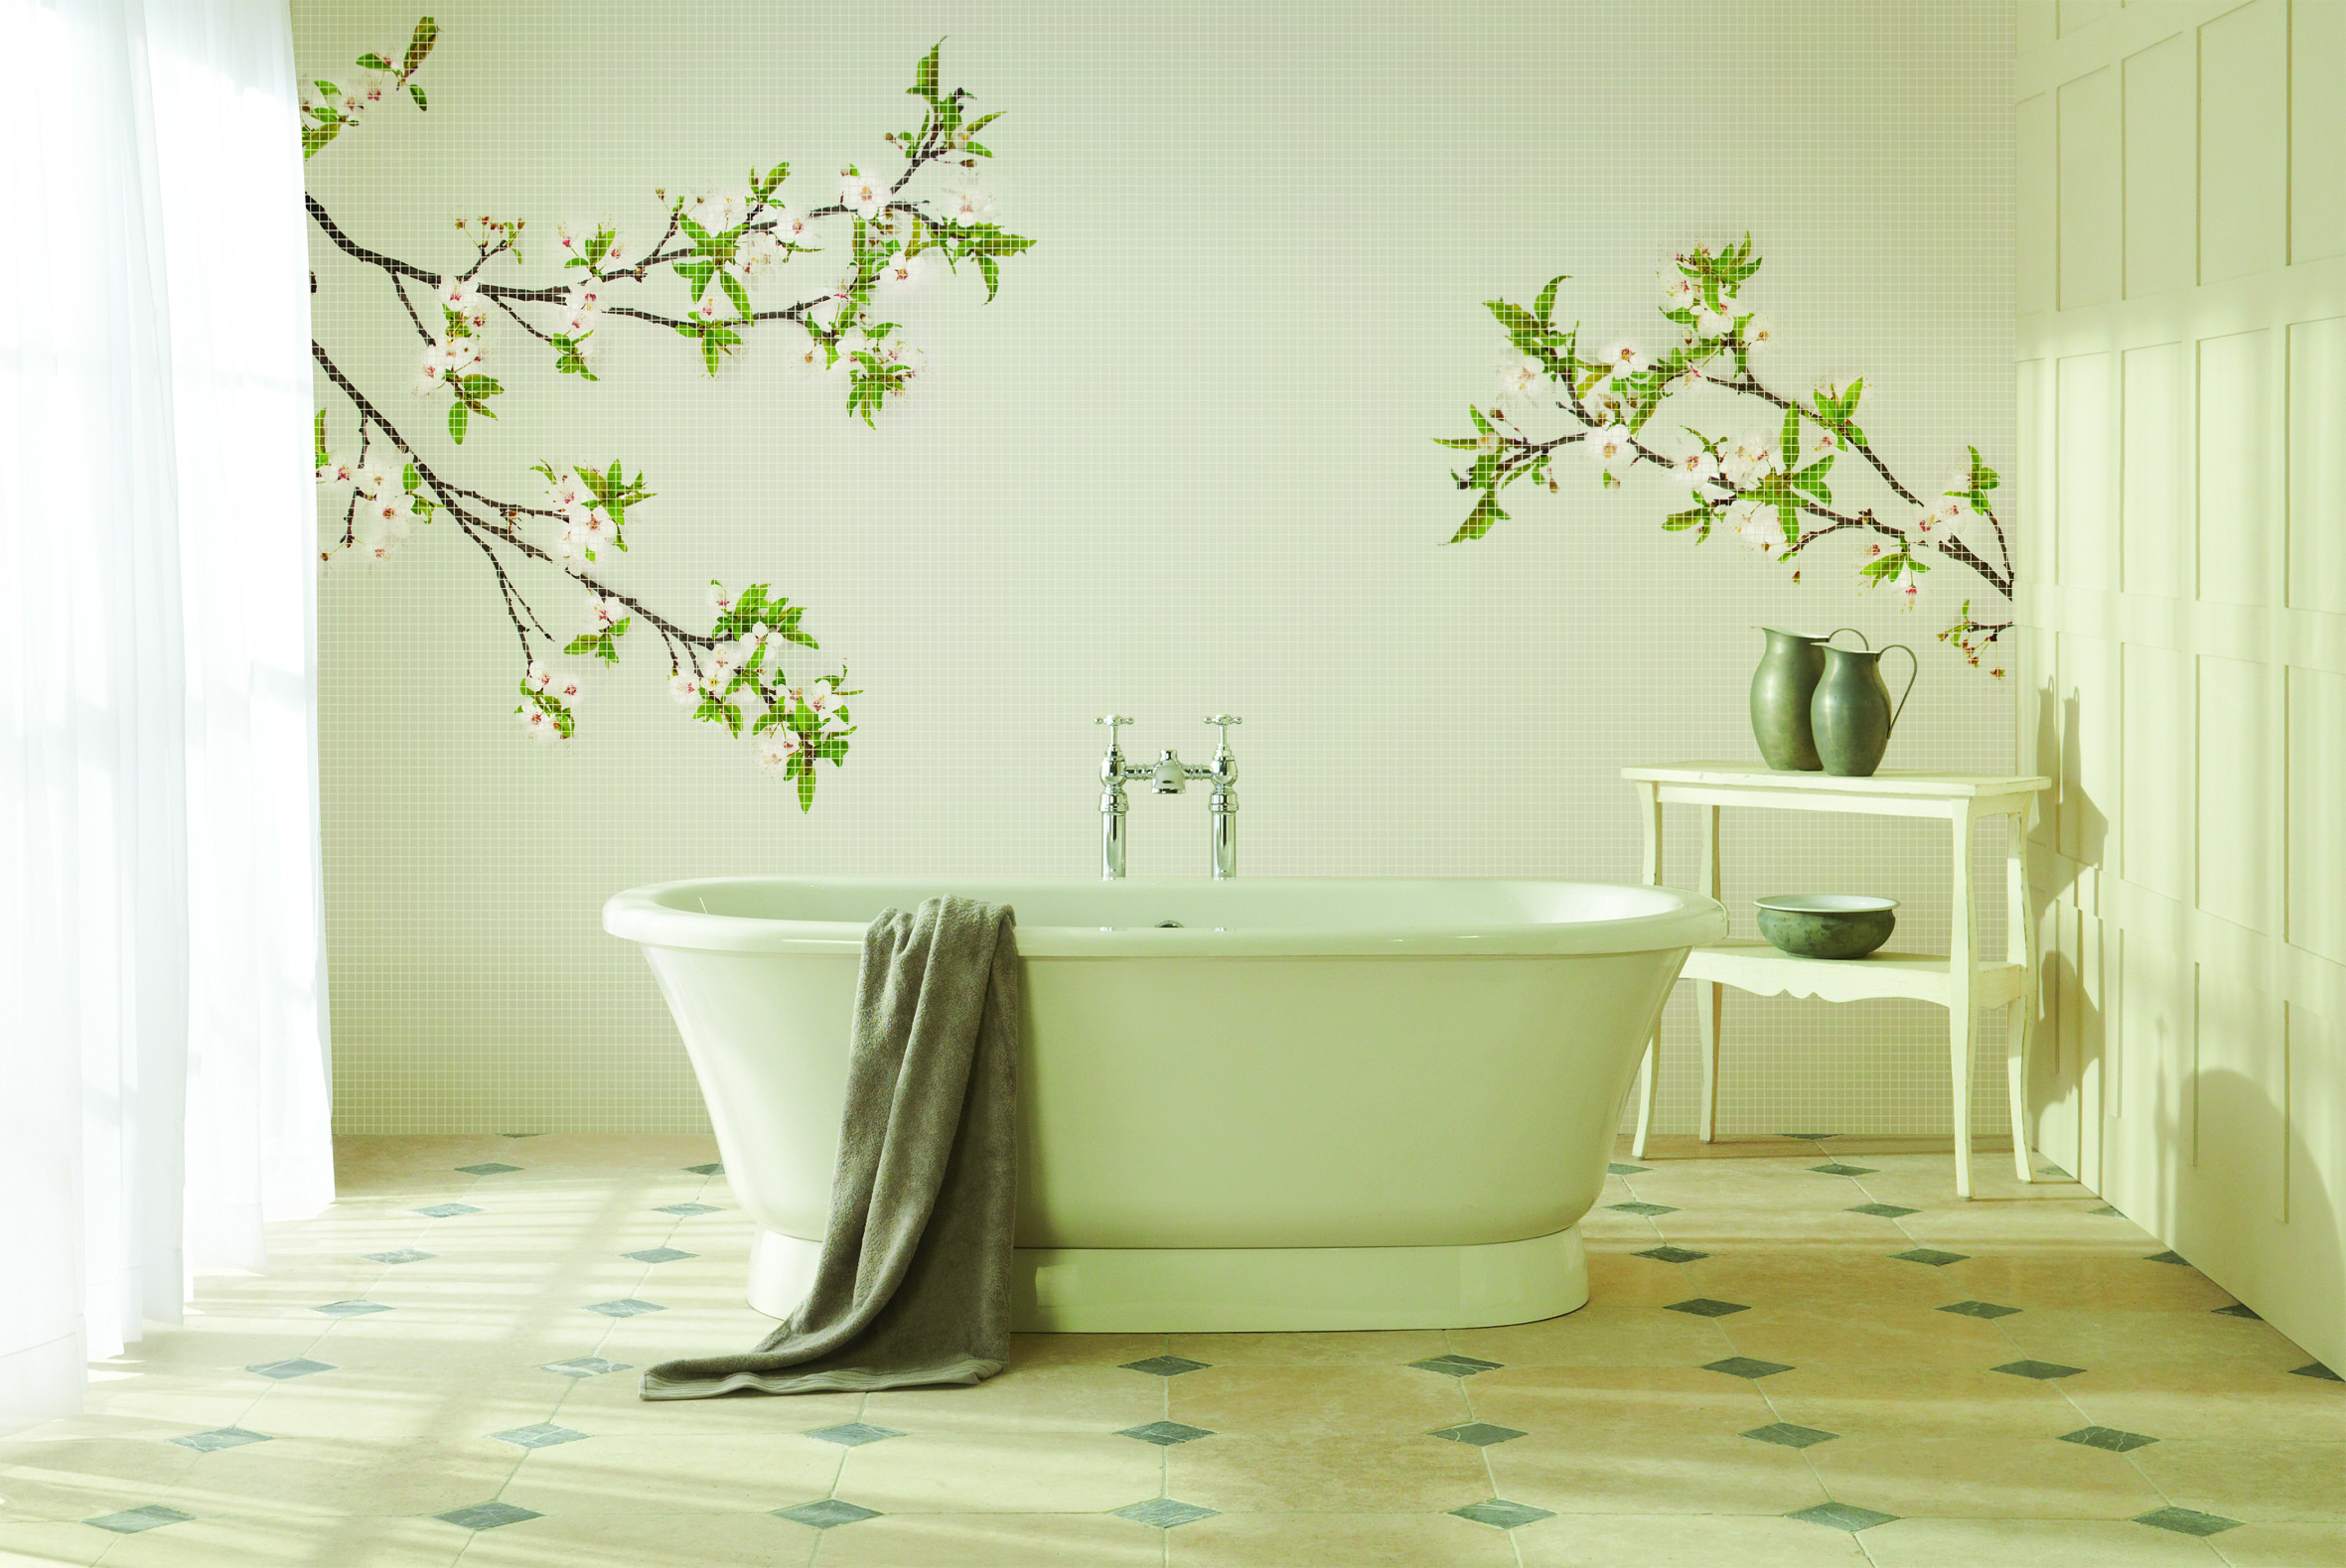 Original Style_Mosaics_Blossom .jpgOriginal Style_Mosaics_Blossom .jpg